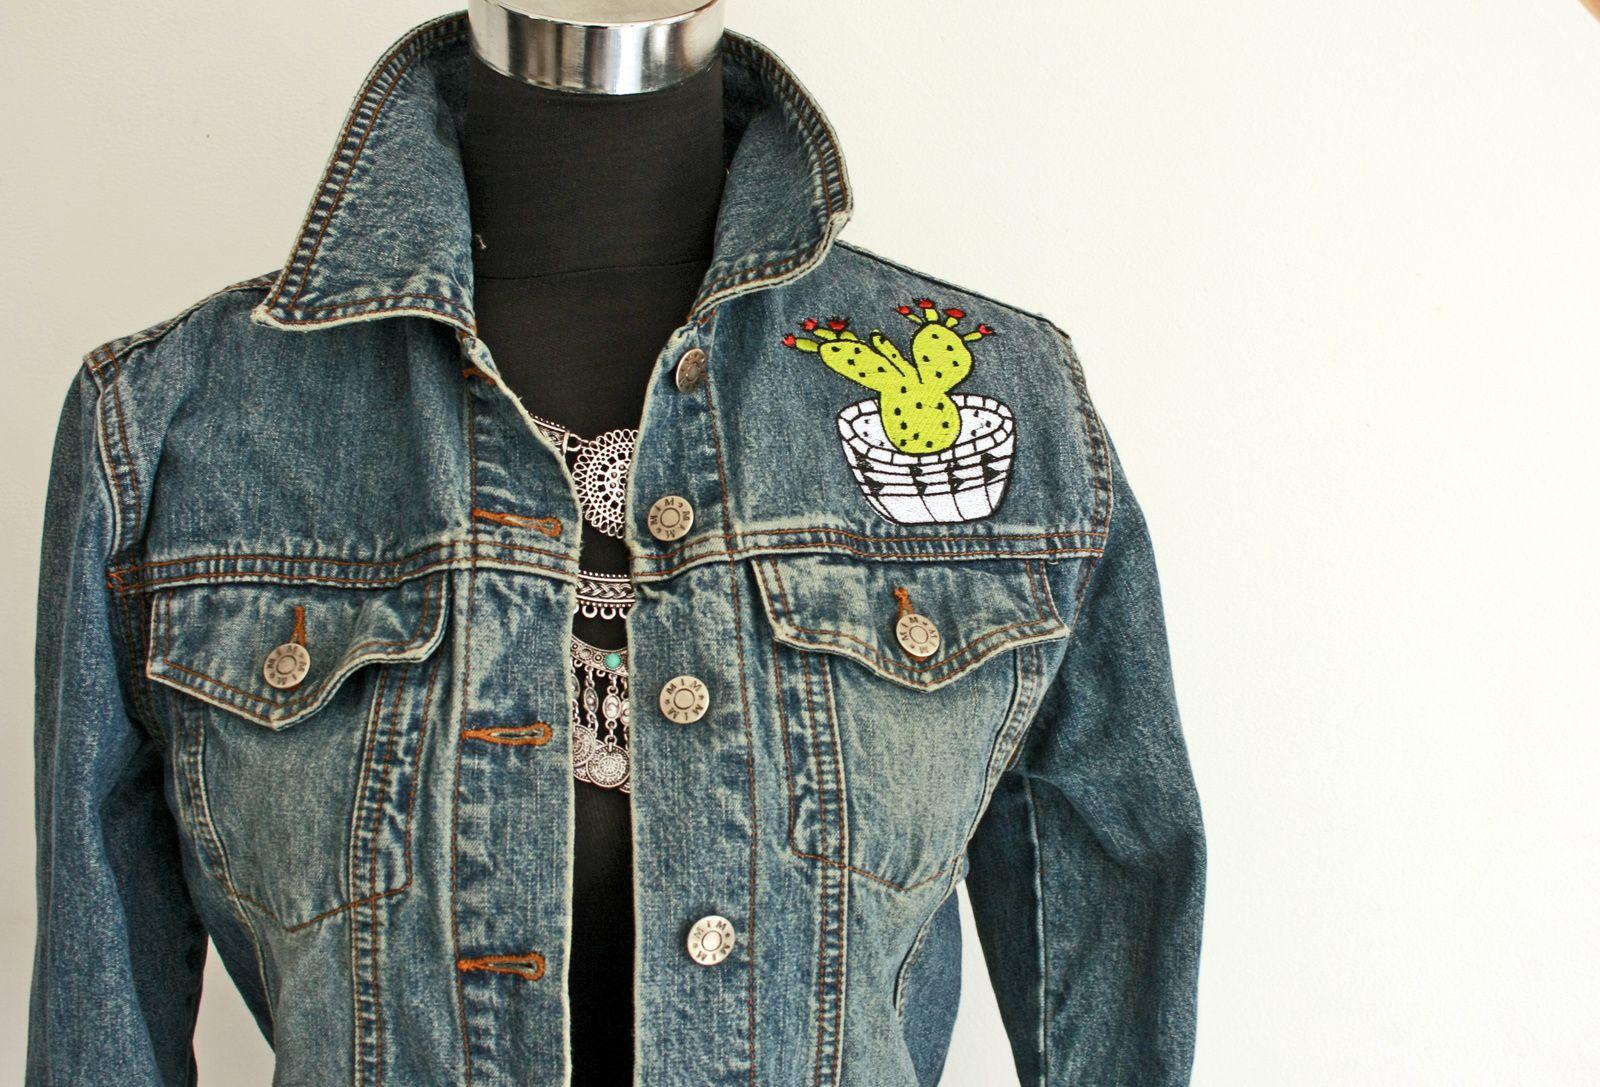 Des broderies esprit folk sur ma veste en jeans !!